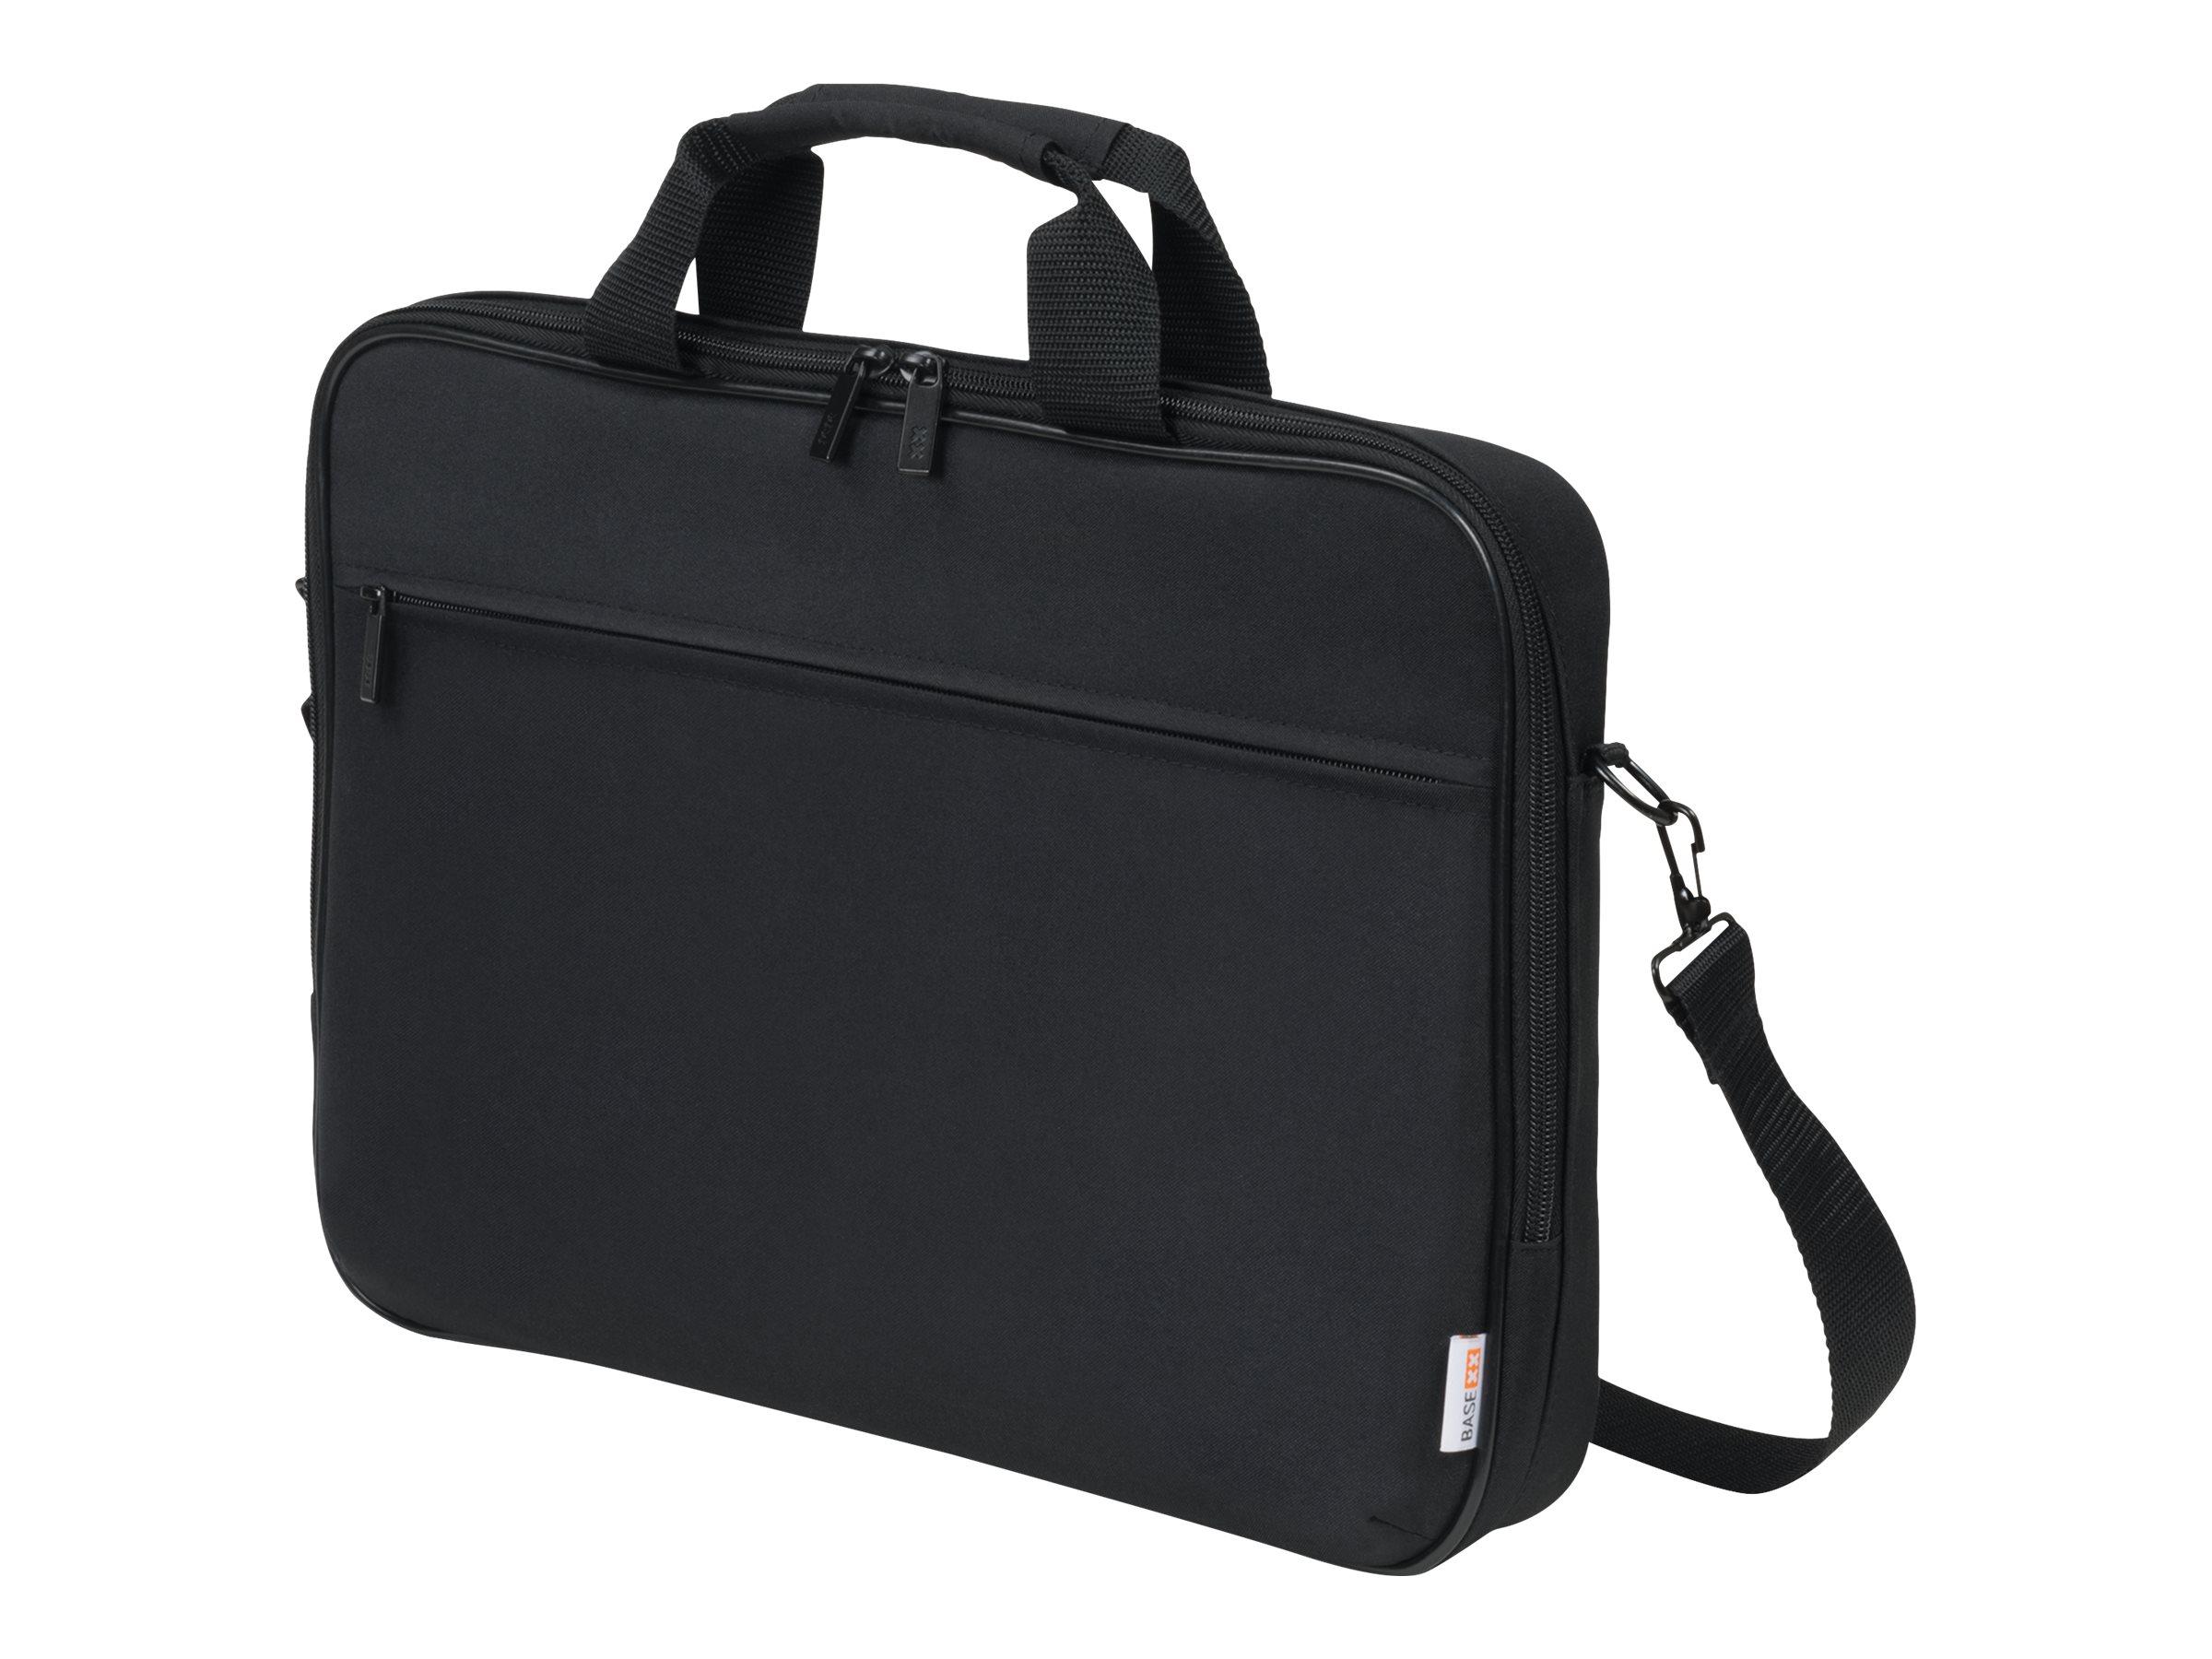 Vorschau: Dicota BASE XX Toploader - Notebook-Tasche - 14